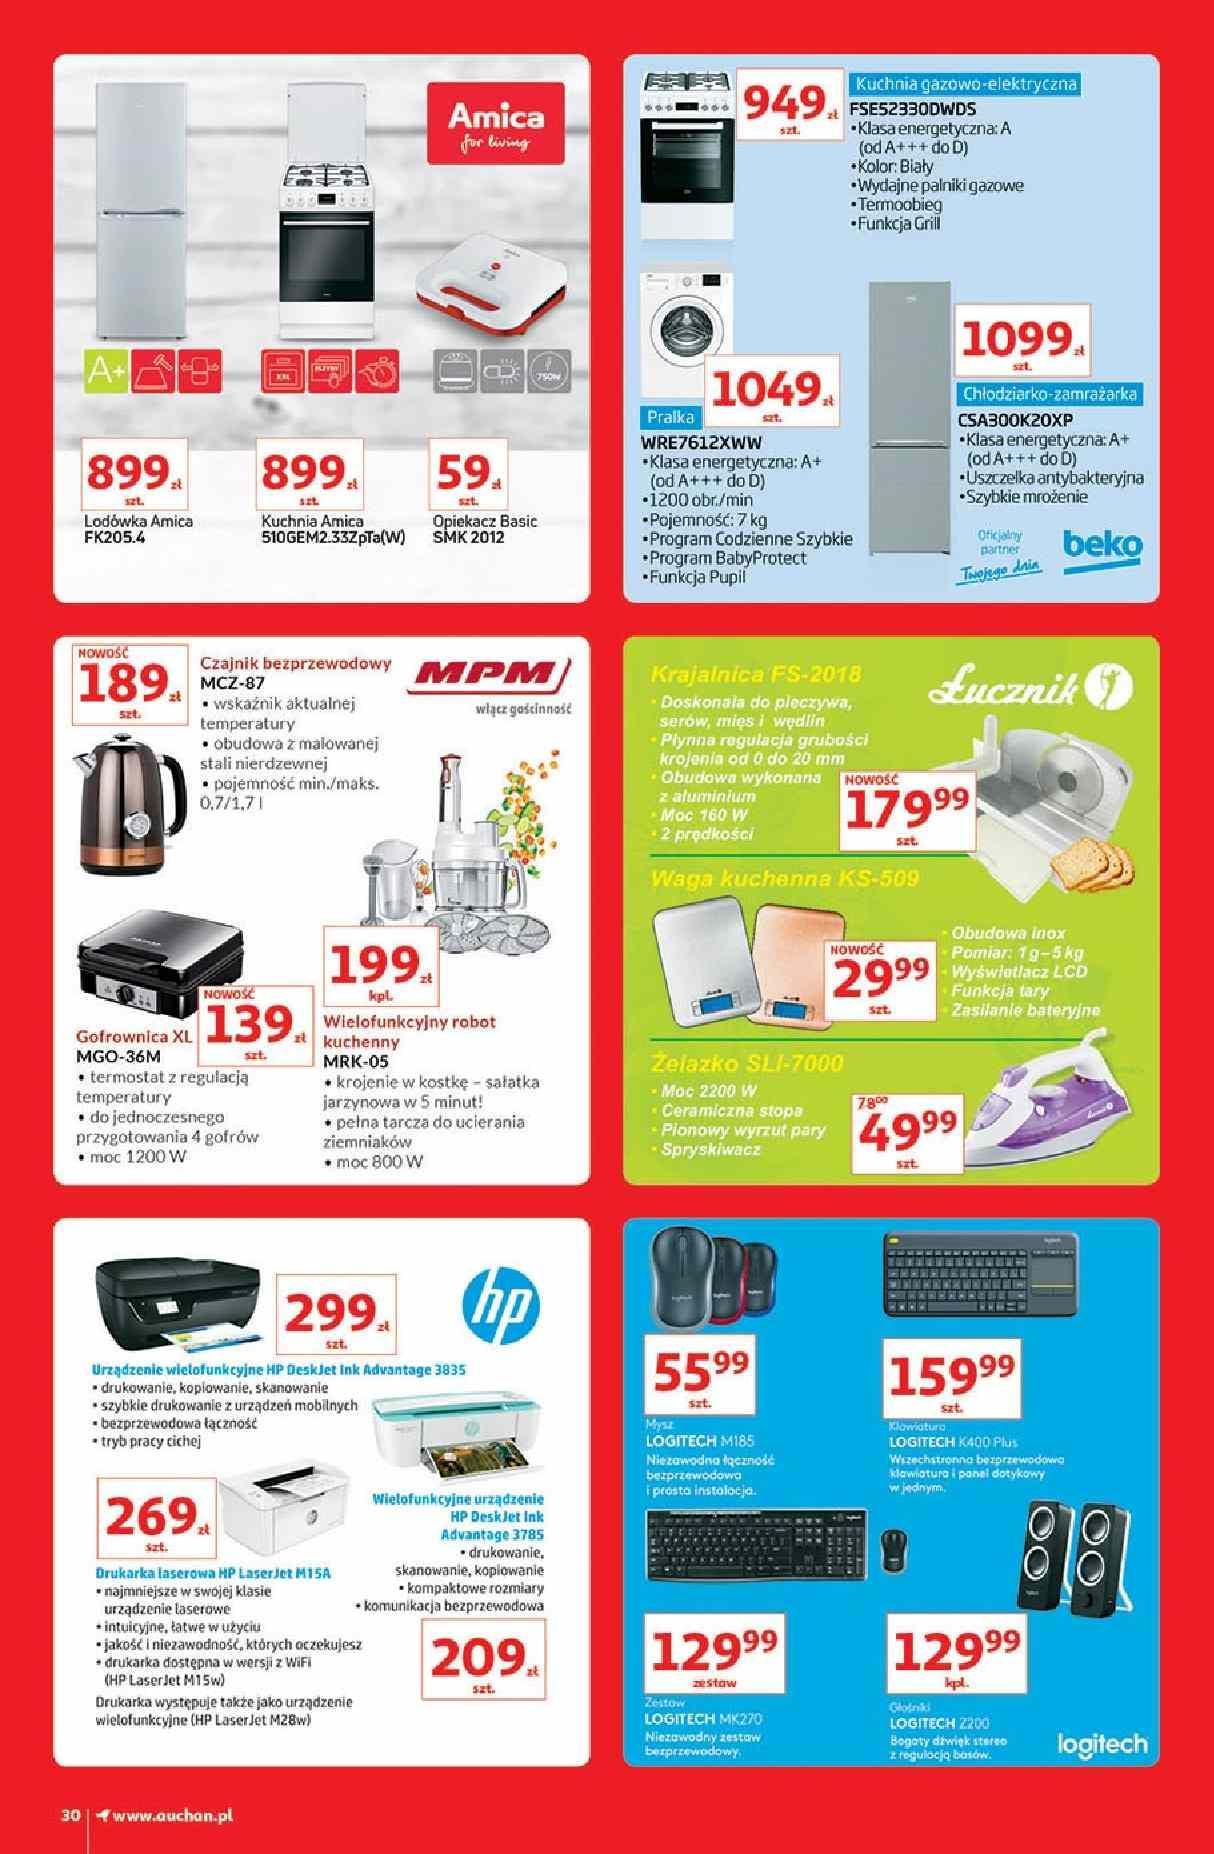 Gazetka promocyjna Auchan do 13/03/2019 str.30